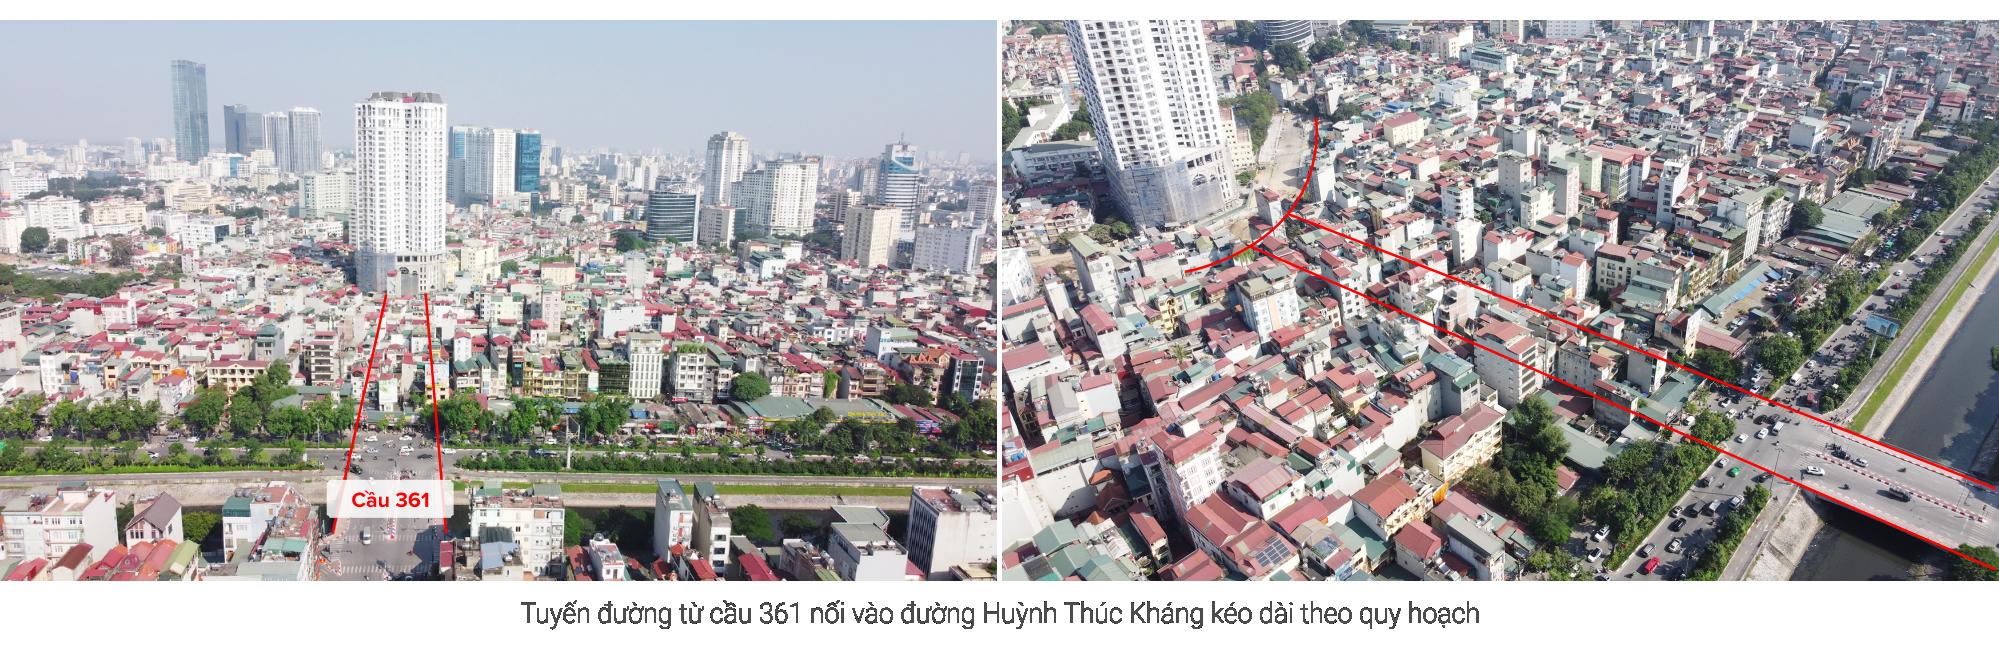 Review dự án Hateco Laroma đang mở bán: Mặt tiền đường 30 m đang mở ở nội đô Hà Nội - Ảnh 13.